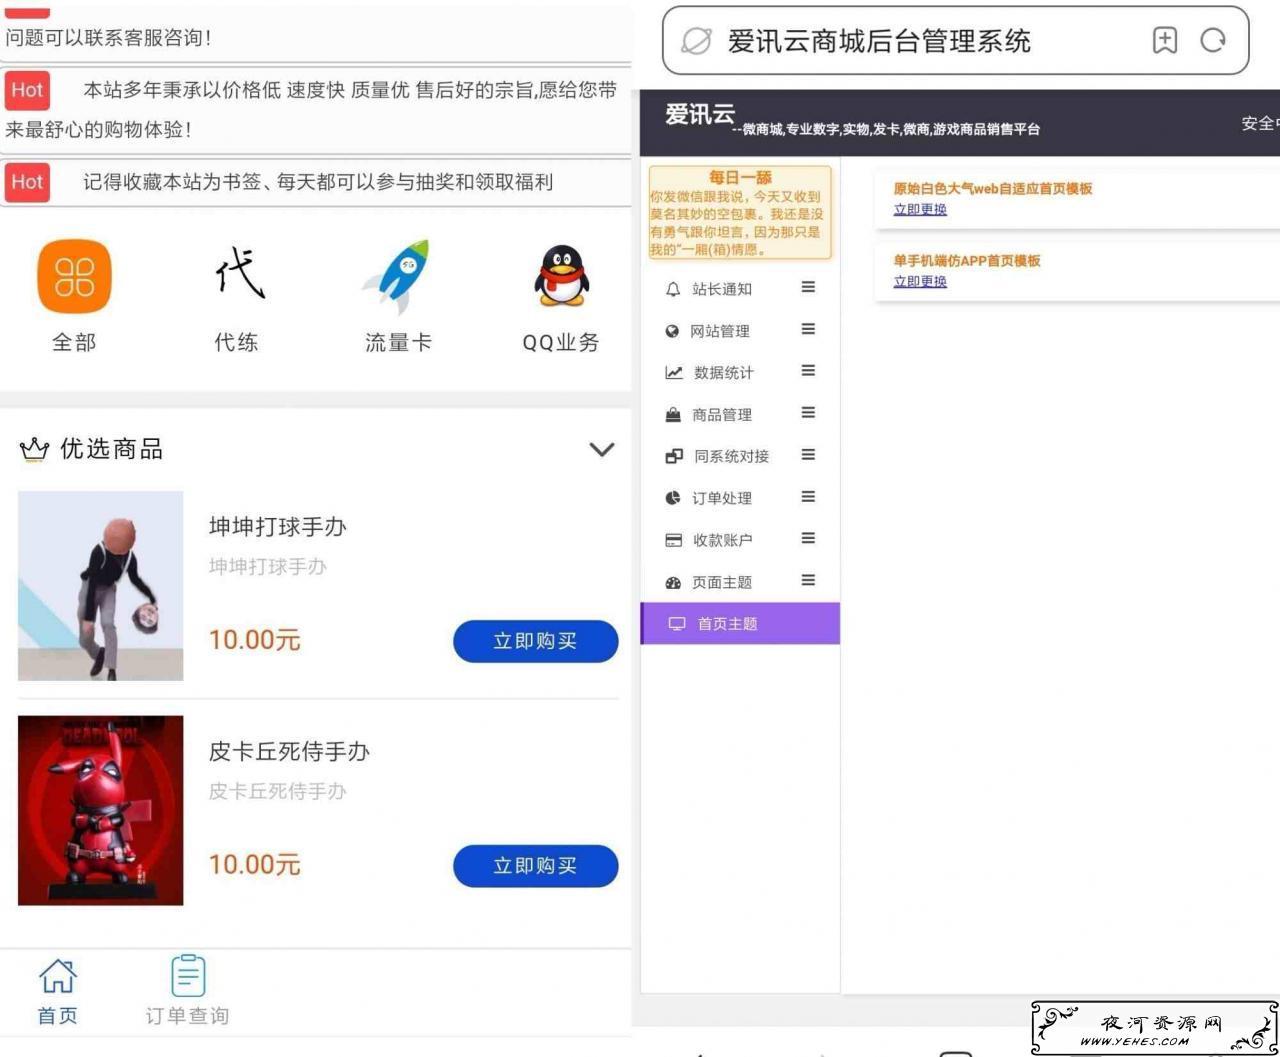 爱讯云商城APP v0.7.0版本源码